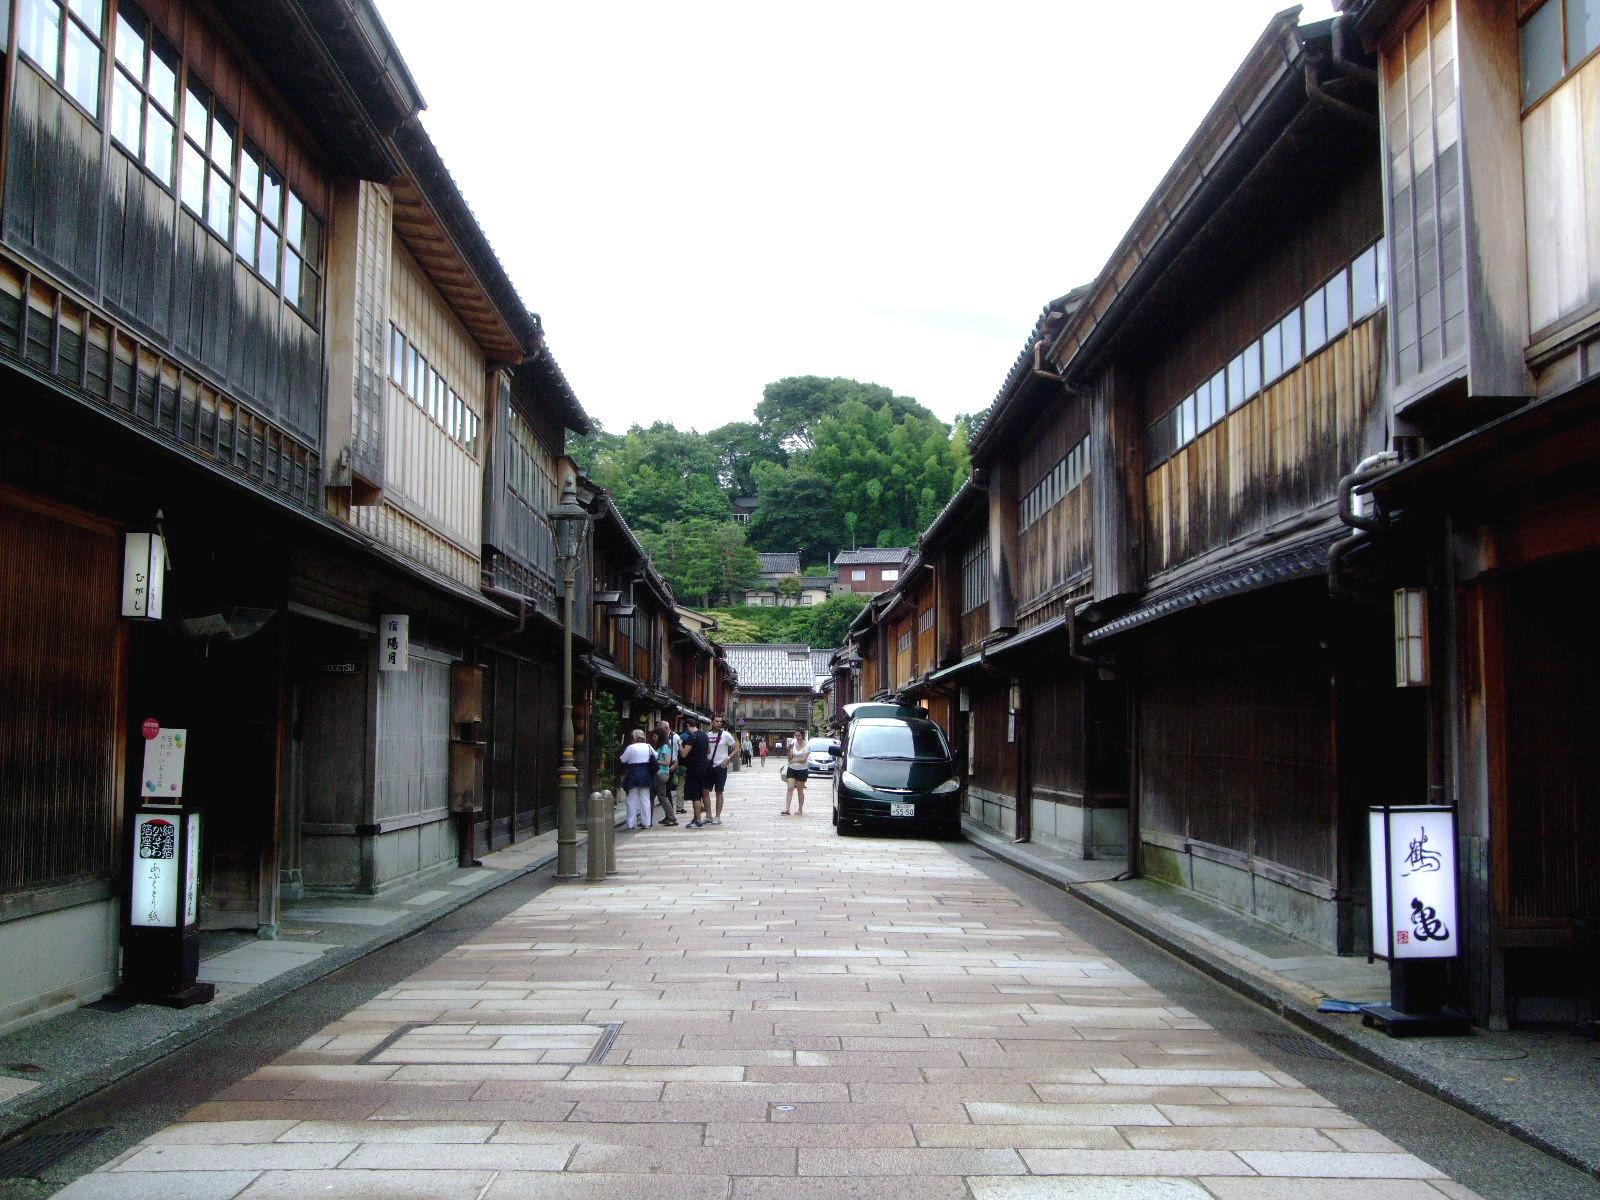 第4話 ひがし茶屋街から宝泉寺への散歩道と a.k.a の創作料理を楽しむ_f0100593_21471517.jpg